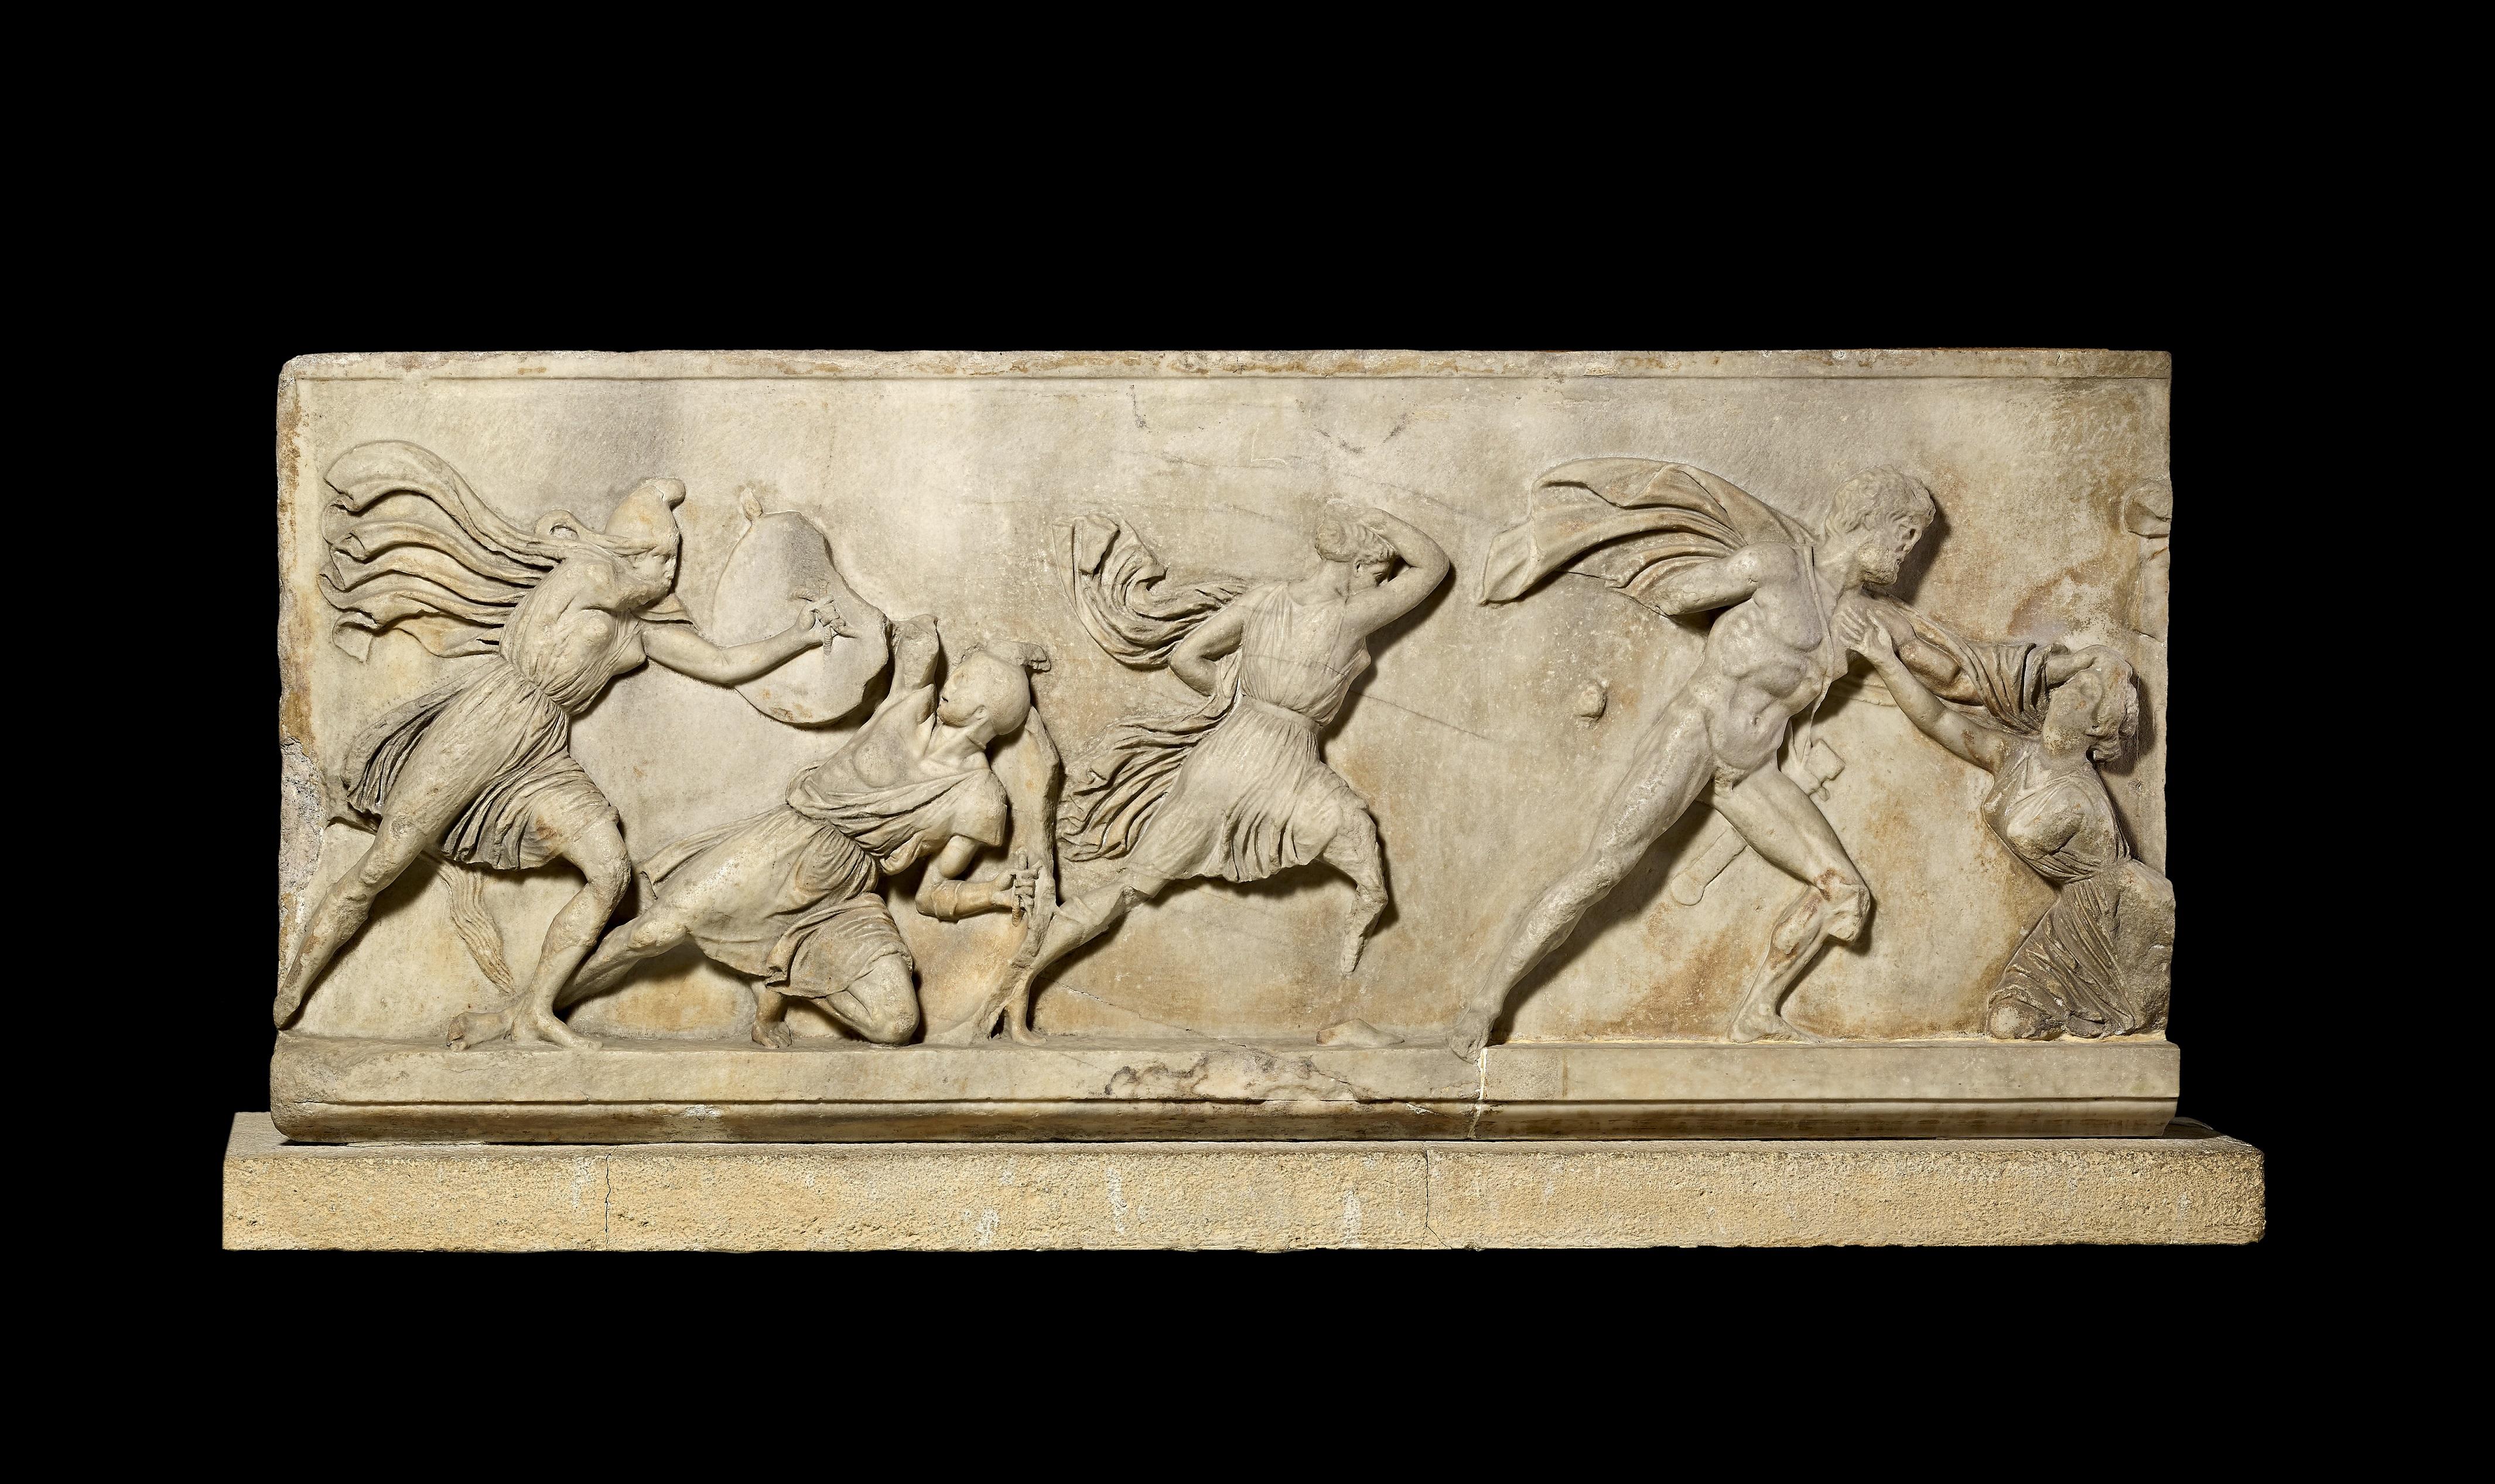 i-bloque-de-un-friso-con-una-batalla-entre-griegos-y-amazones-i-relieve-de-marmol-c-350-a-c-hallado-en-mausoleo-de-ha